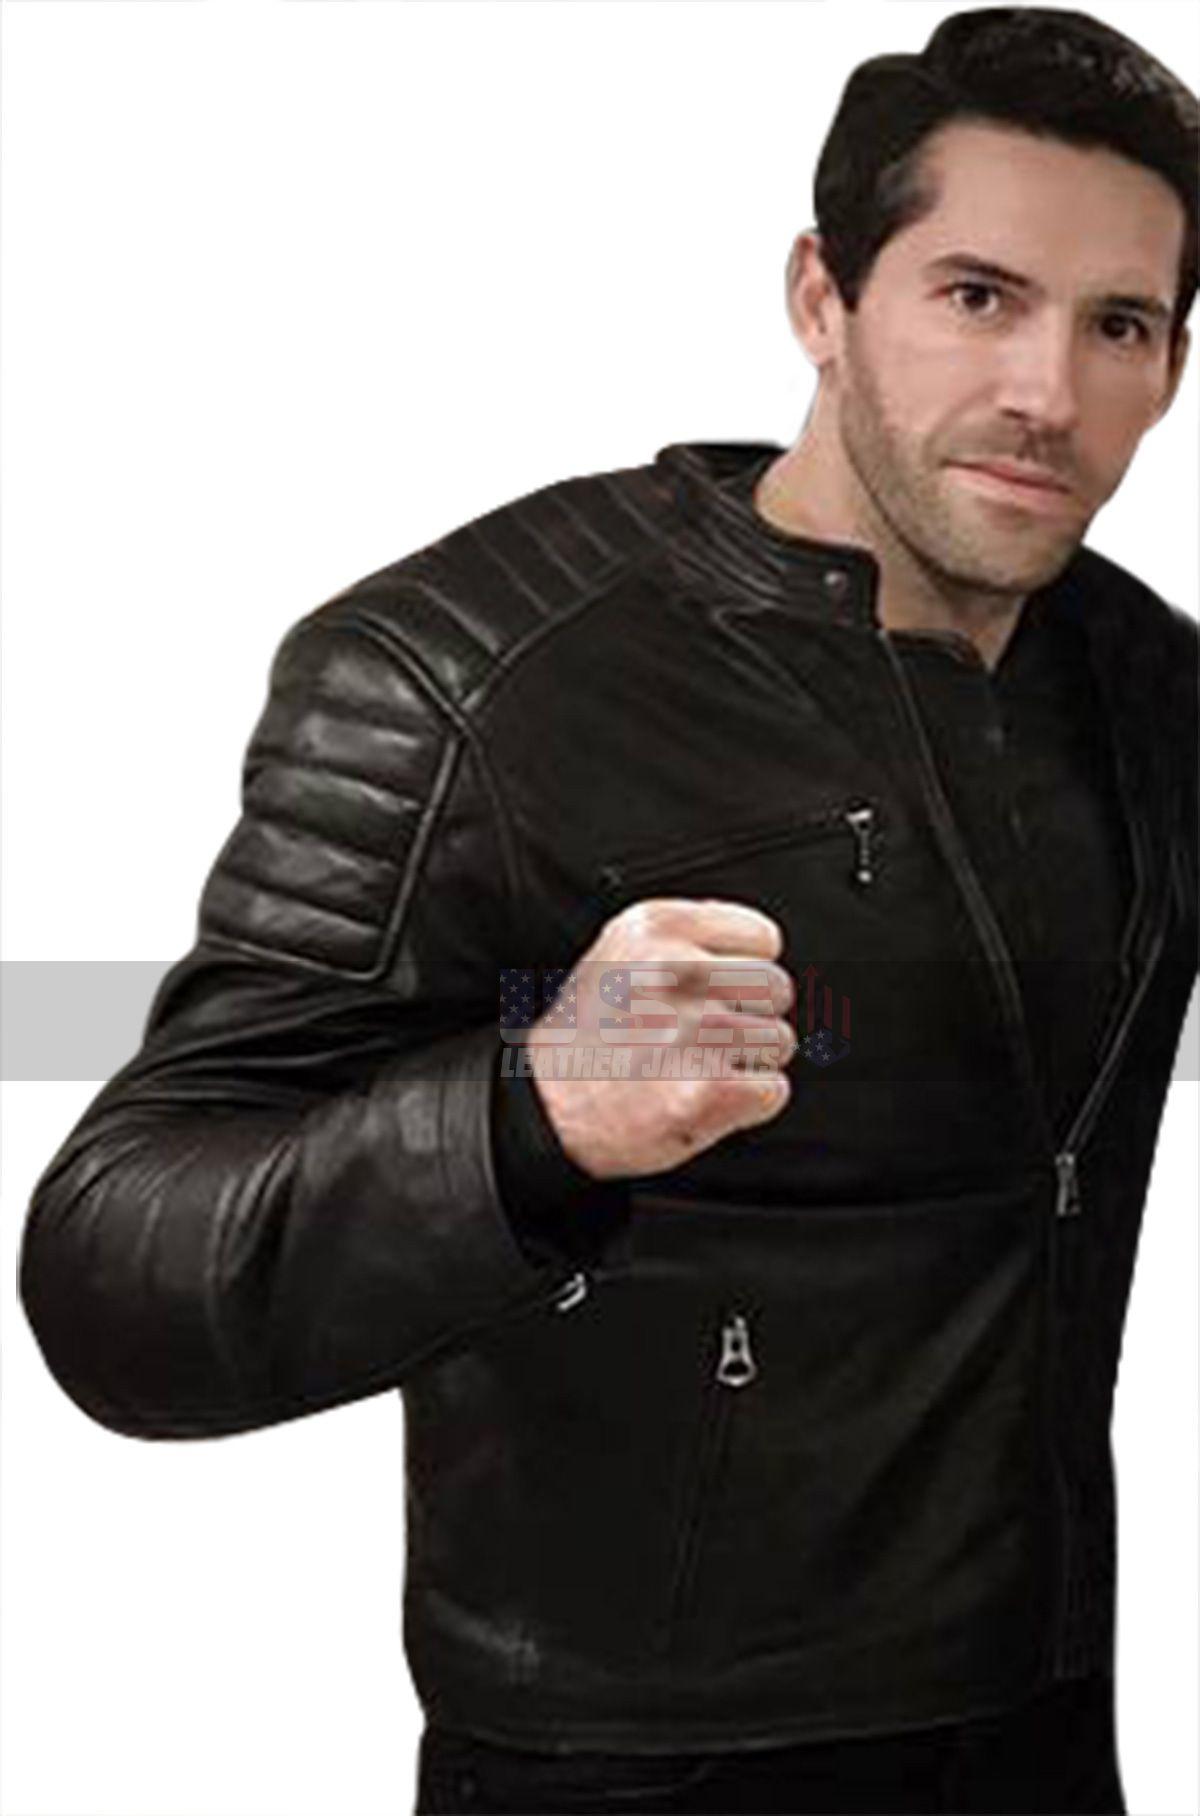 Accident Man Jacket Scott Adkins Jacket Mike Fallon Jacket Motorcycle Jacket Quilted Jacket Black Jacket L Scott Adkins Leather Jacket Celebrity Jackets [ 1816 x 1200 Pixel ]